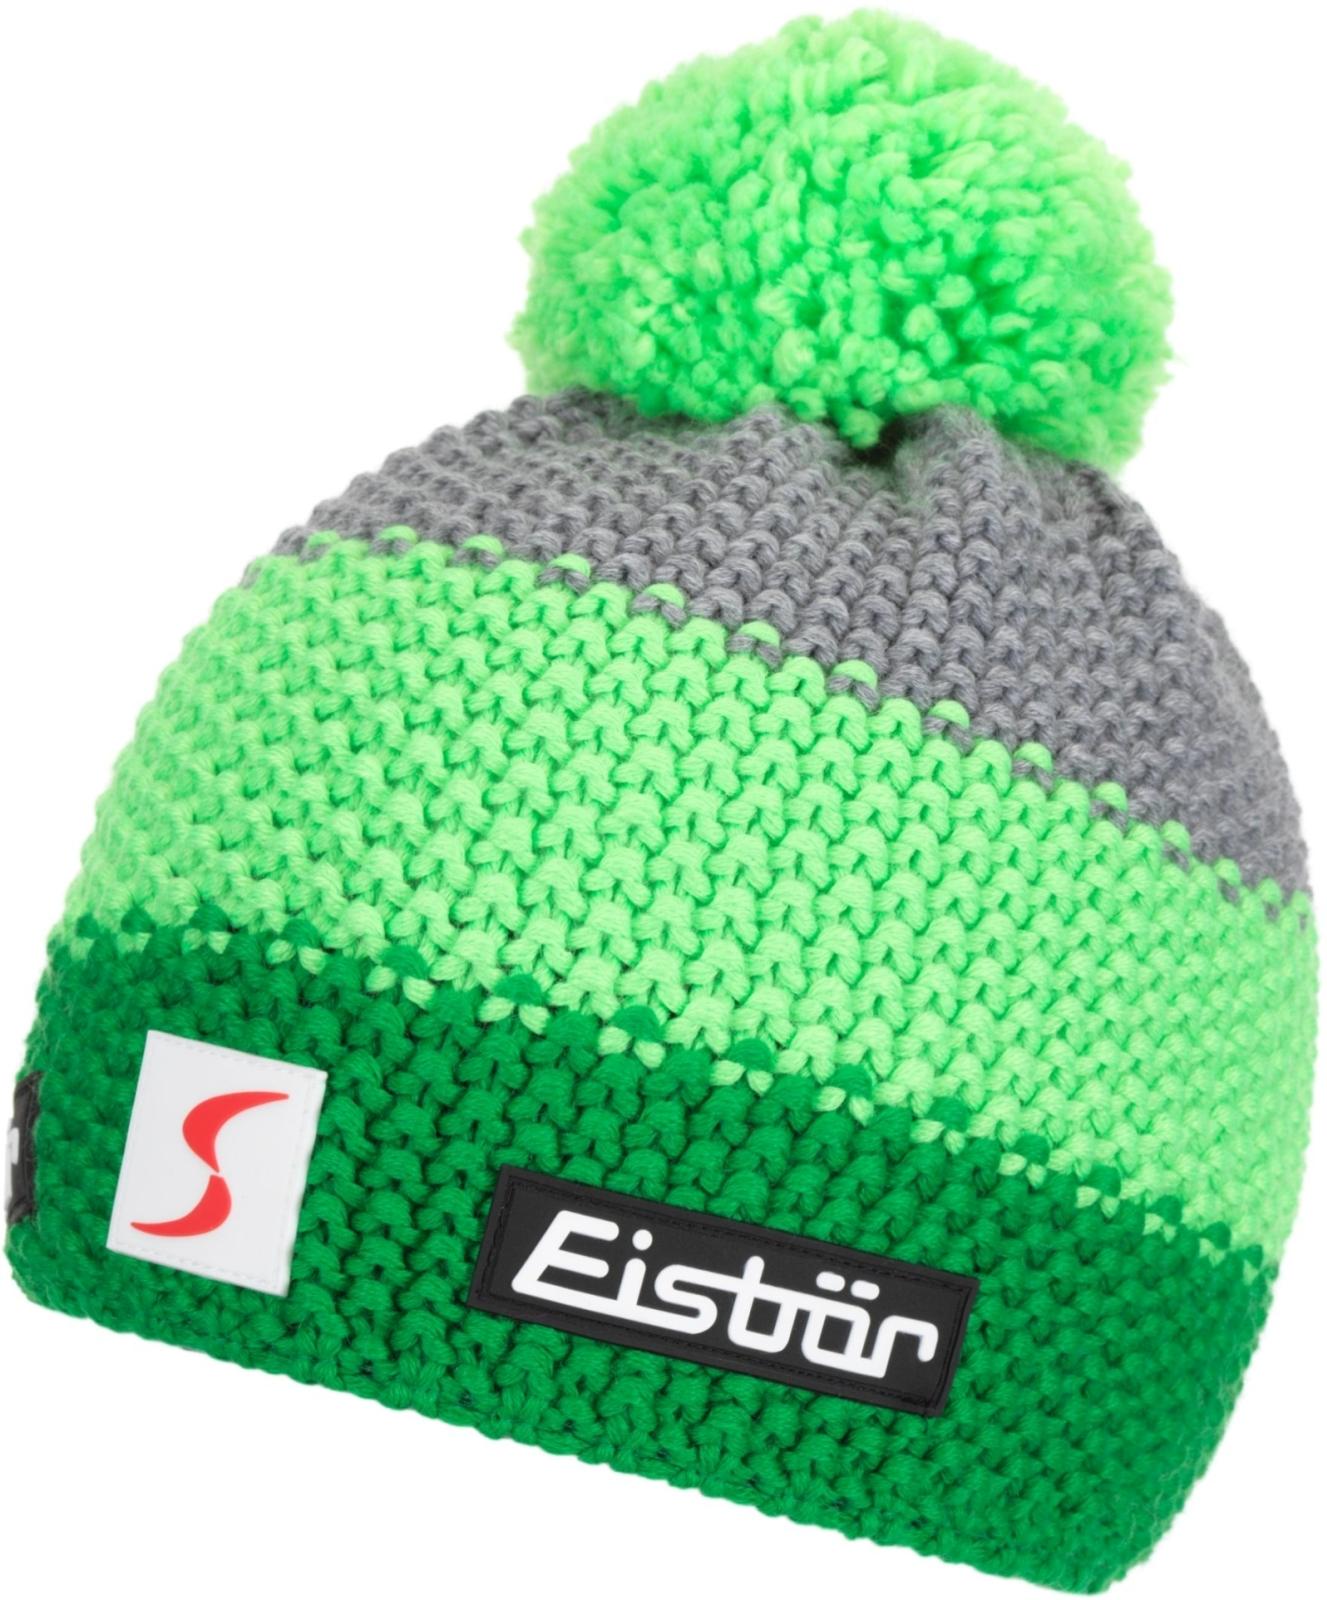 3c9c9f480b2 Dětská zimní čepice Eisbär Star Neon Pom MÜ SP kids -  electric lightgreen graumele